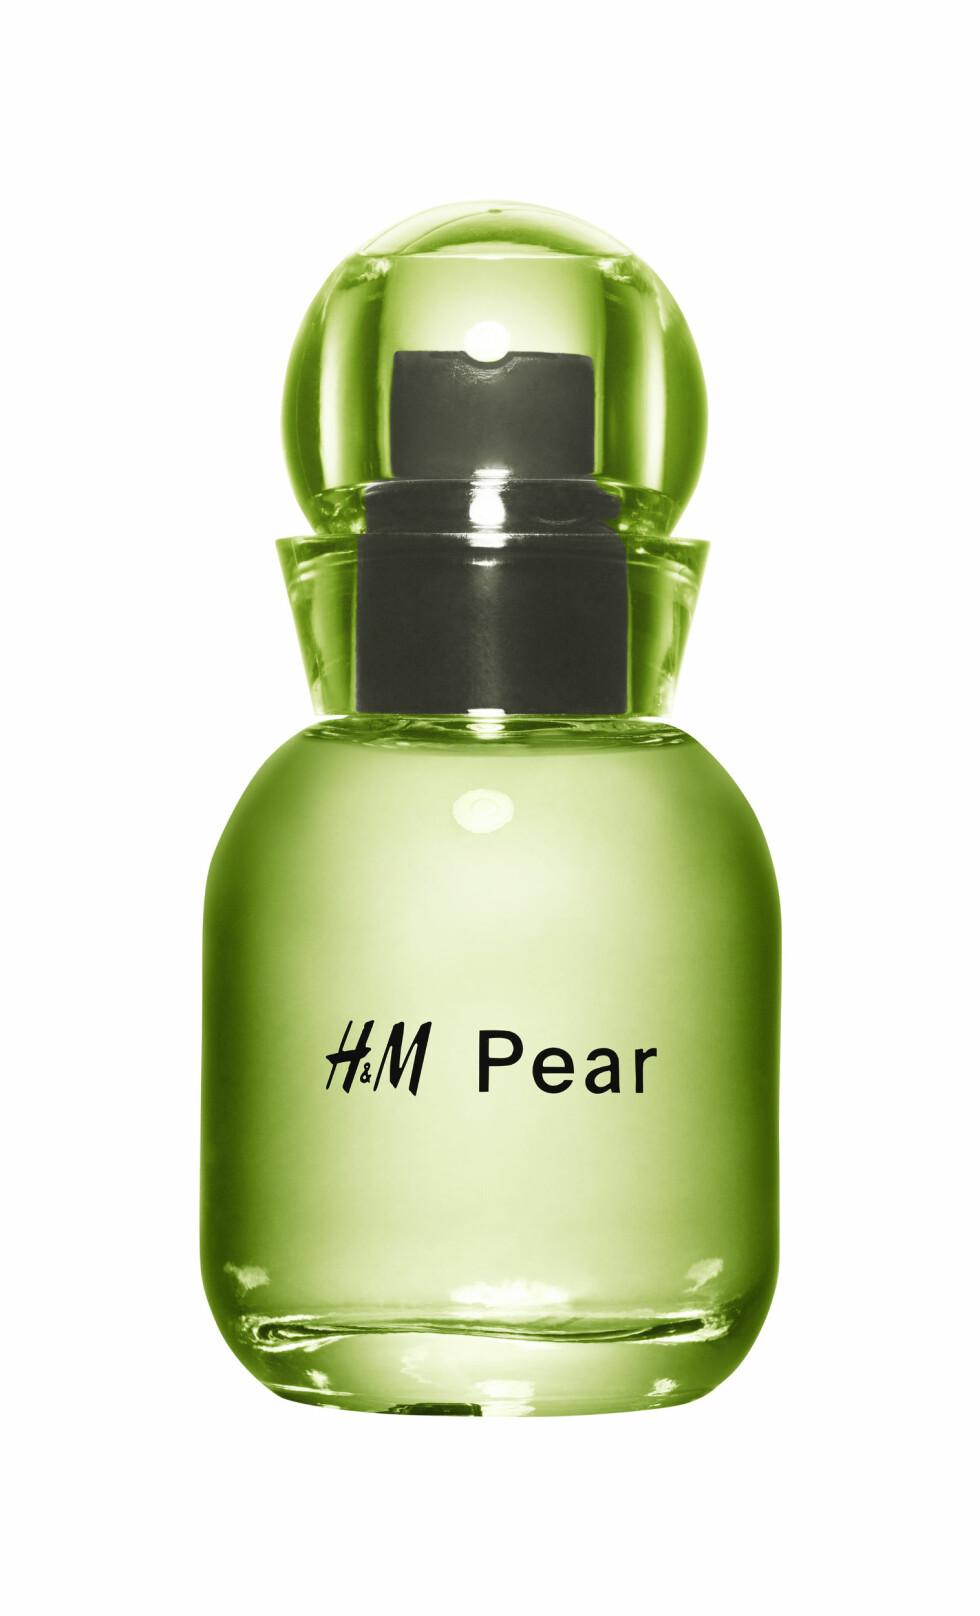 Tipset er å påføre duftene på ulike steder av kroppen. Hva med litt pære i nakken (kr 60, H&M, Pear)